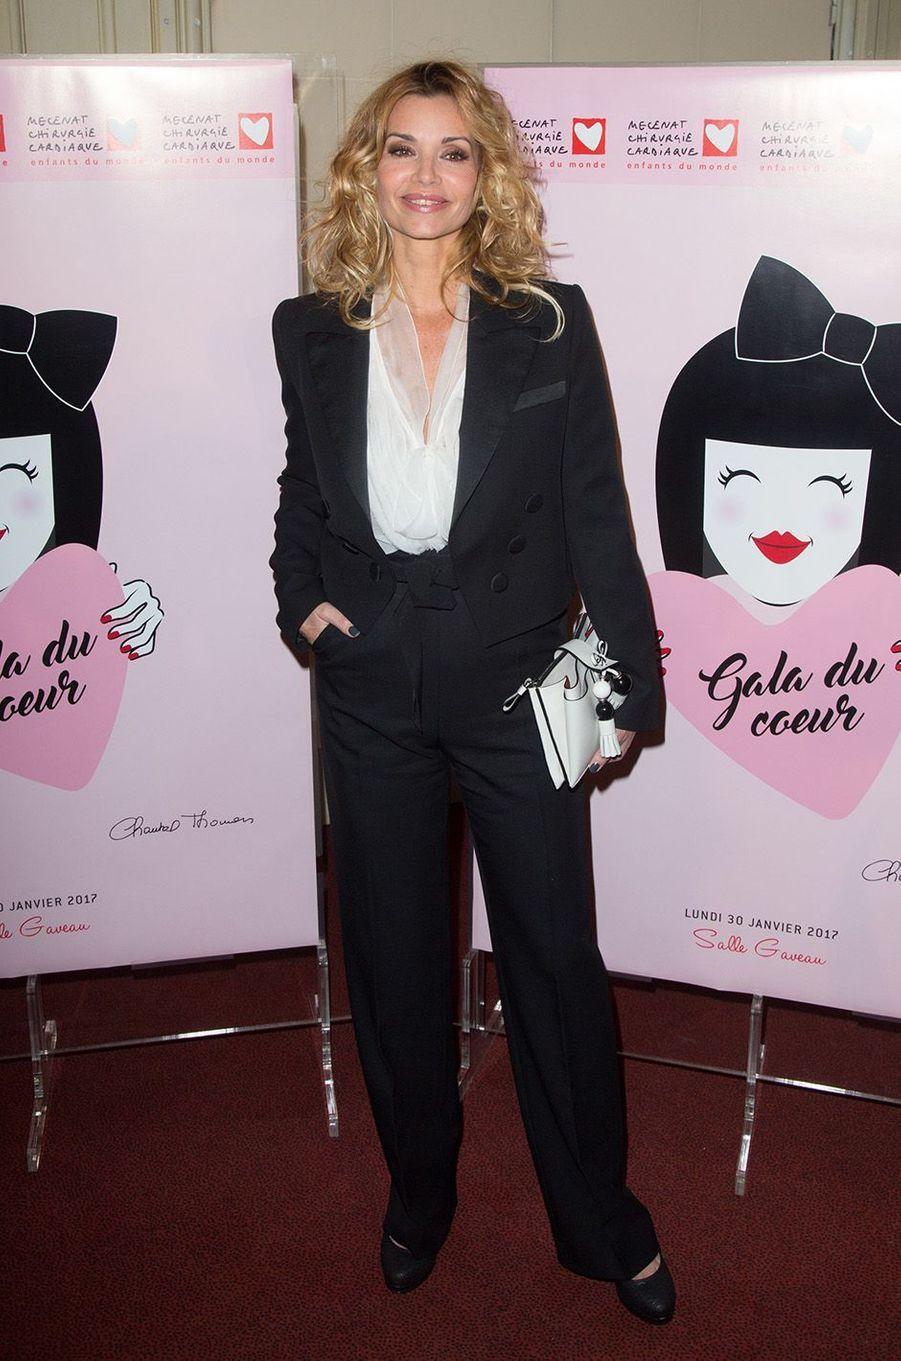 Ingrid Chauvin auGaladu coeur deMécénat Chirurgie cardiaque, à Paris le 30 janvier 2017.